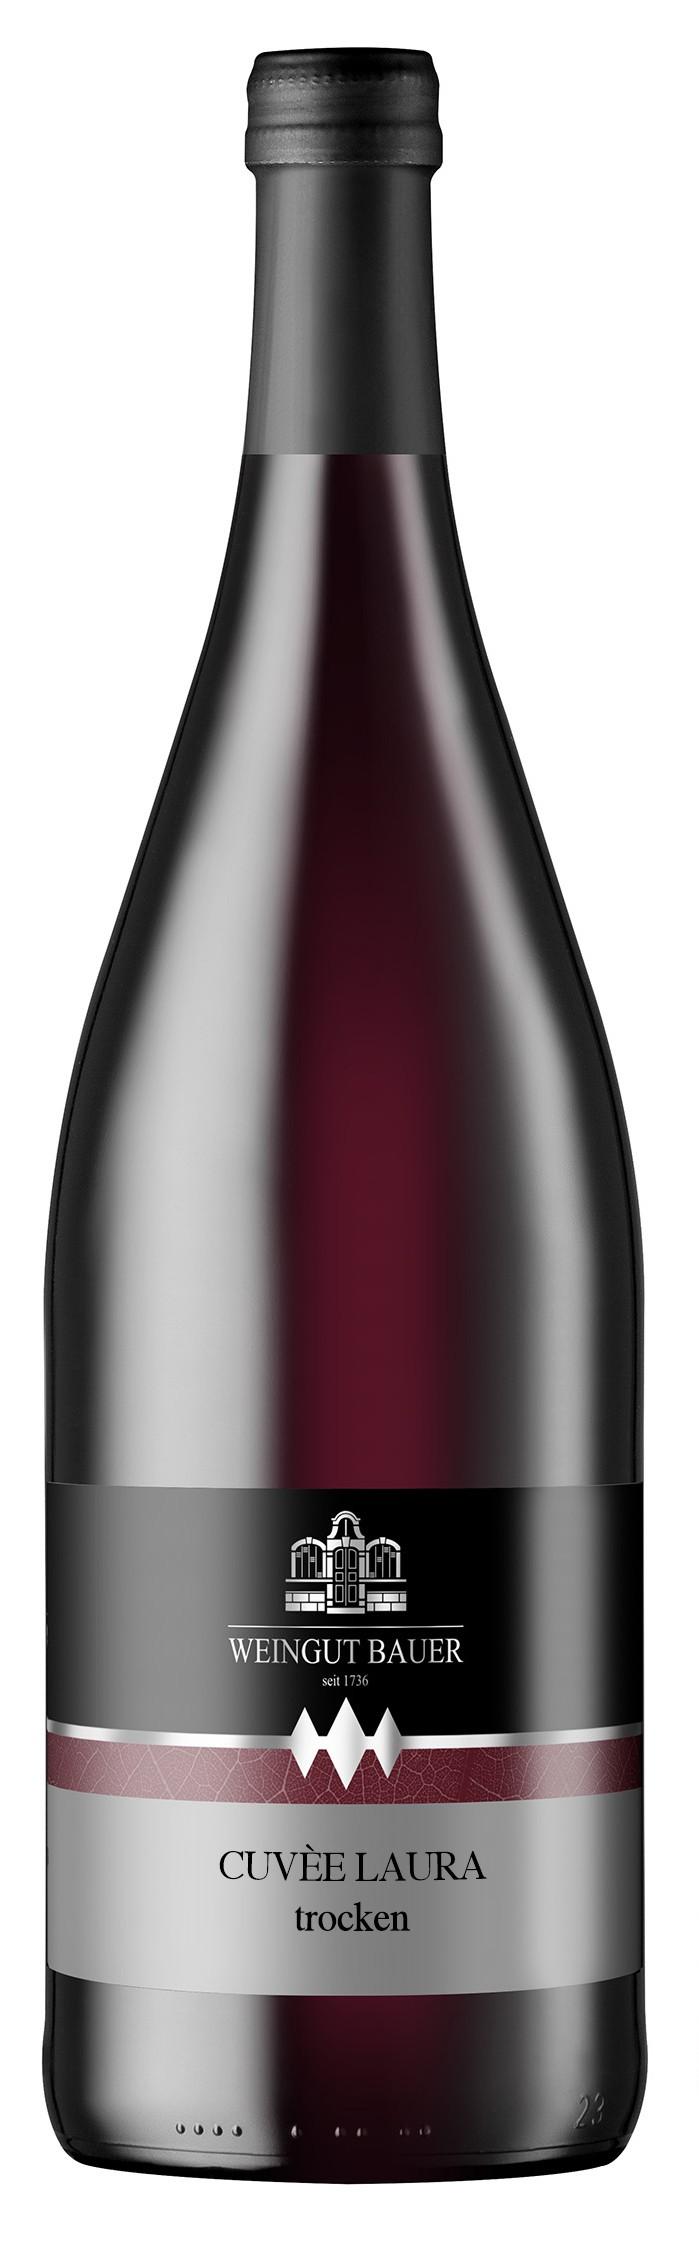 2014 Cuvee Laura, Rotwein,trocken Qualitätswein 1000ml